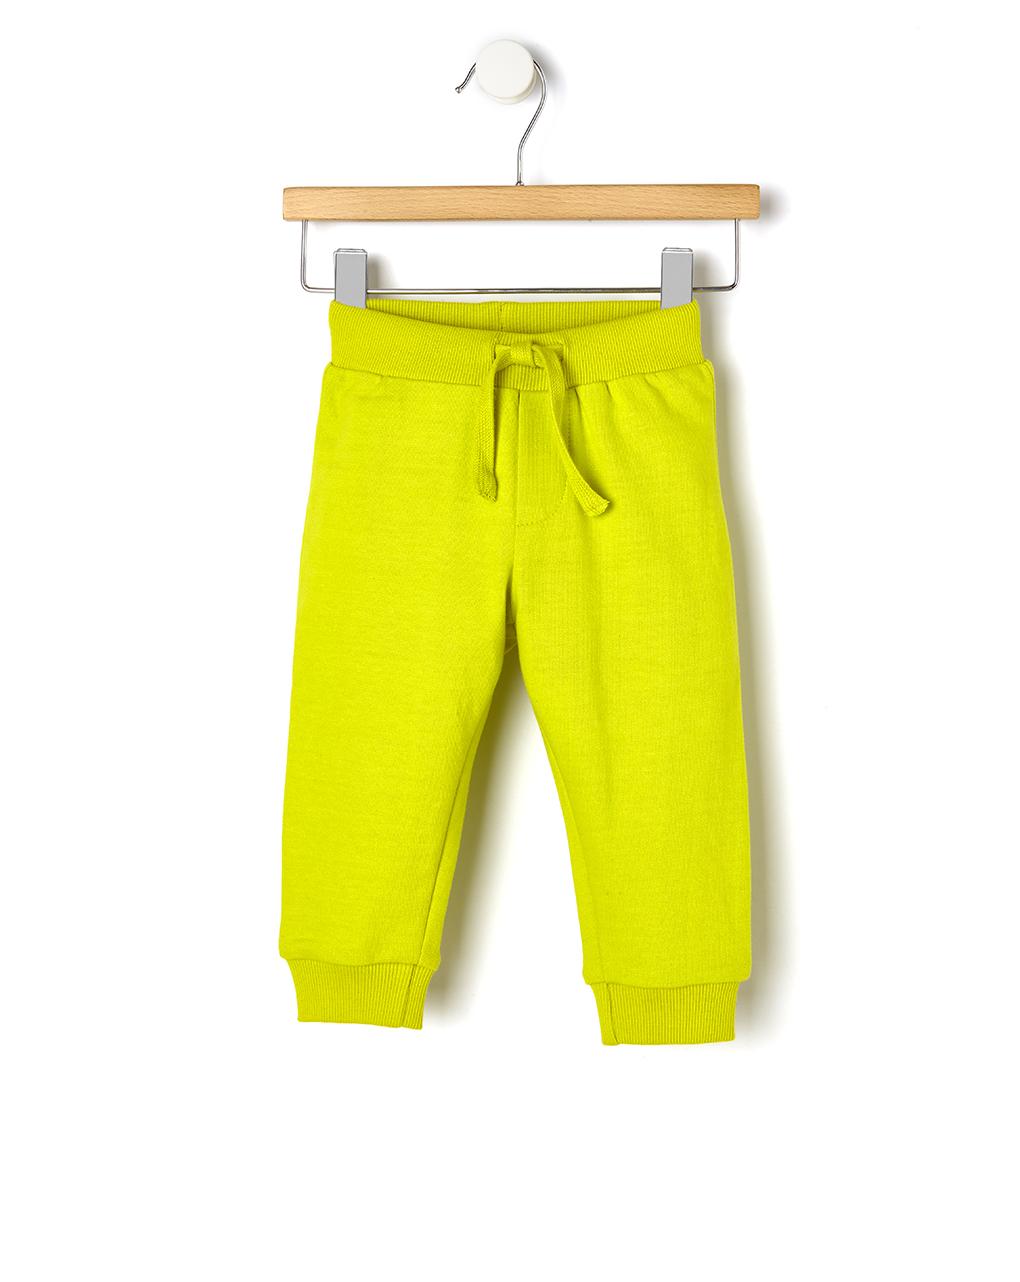 Παντελόνι Σε Φαρδιά Γραμμή Κίτρινο για Αγόρι